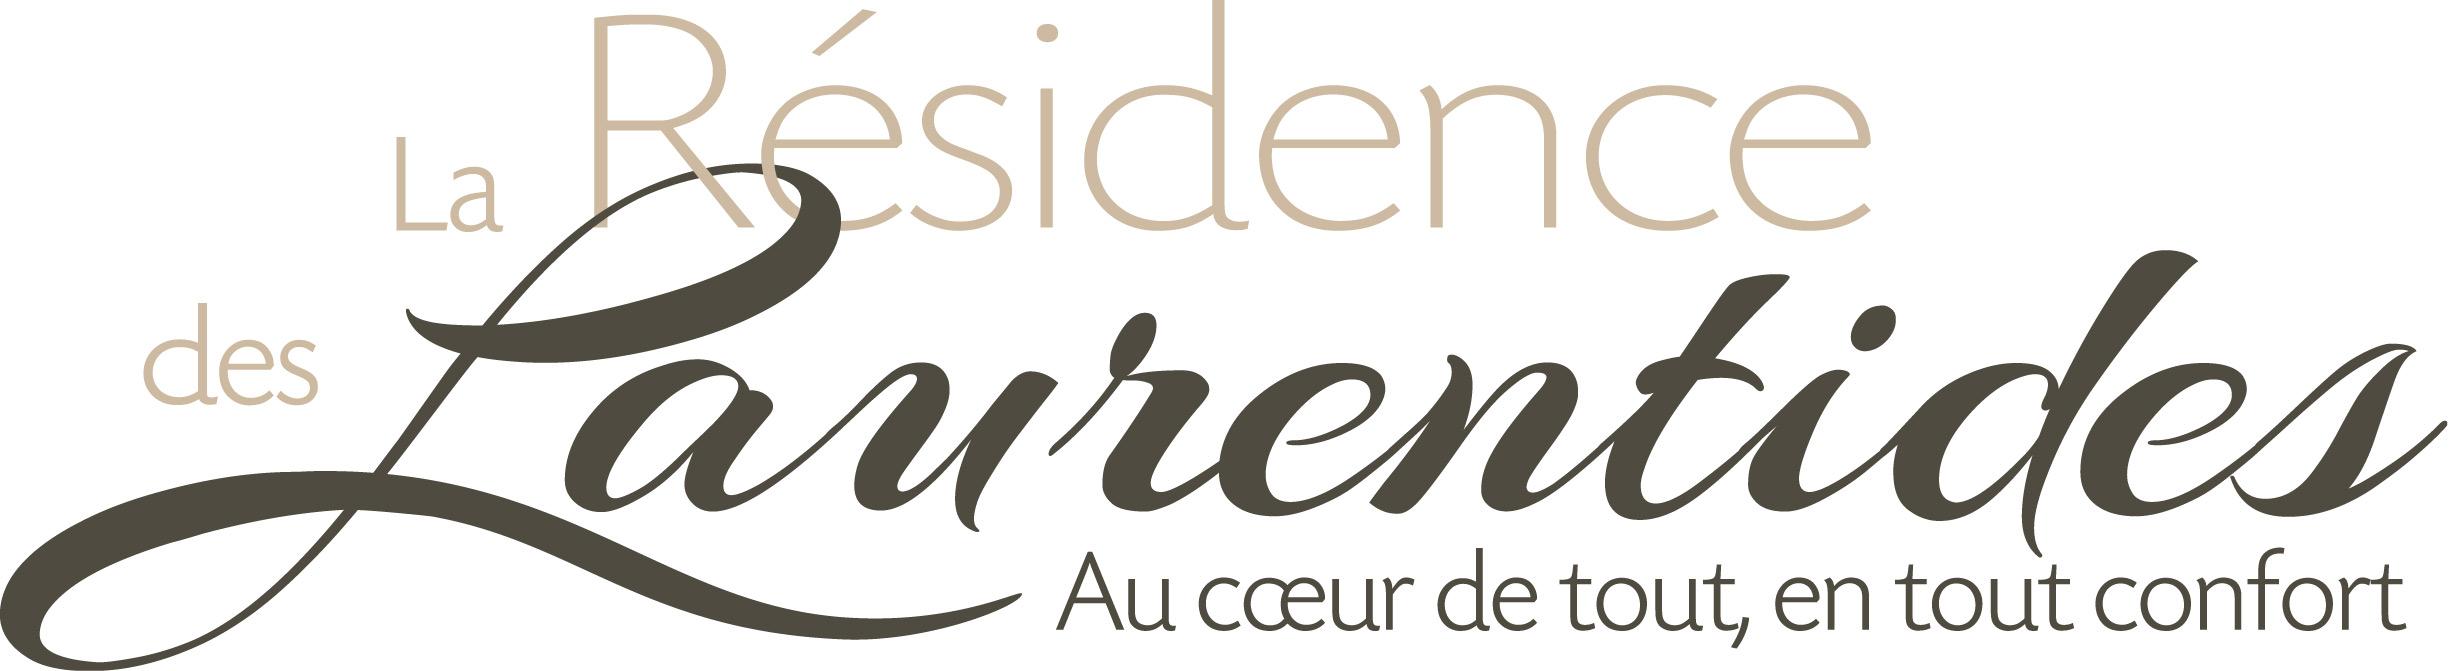 logo-rdl-tag-couleur